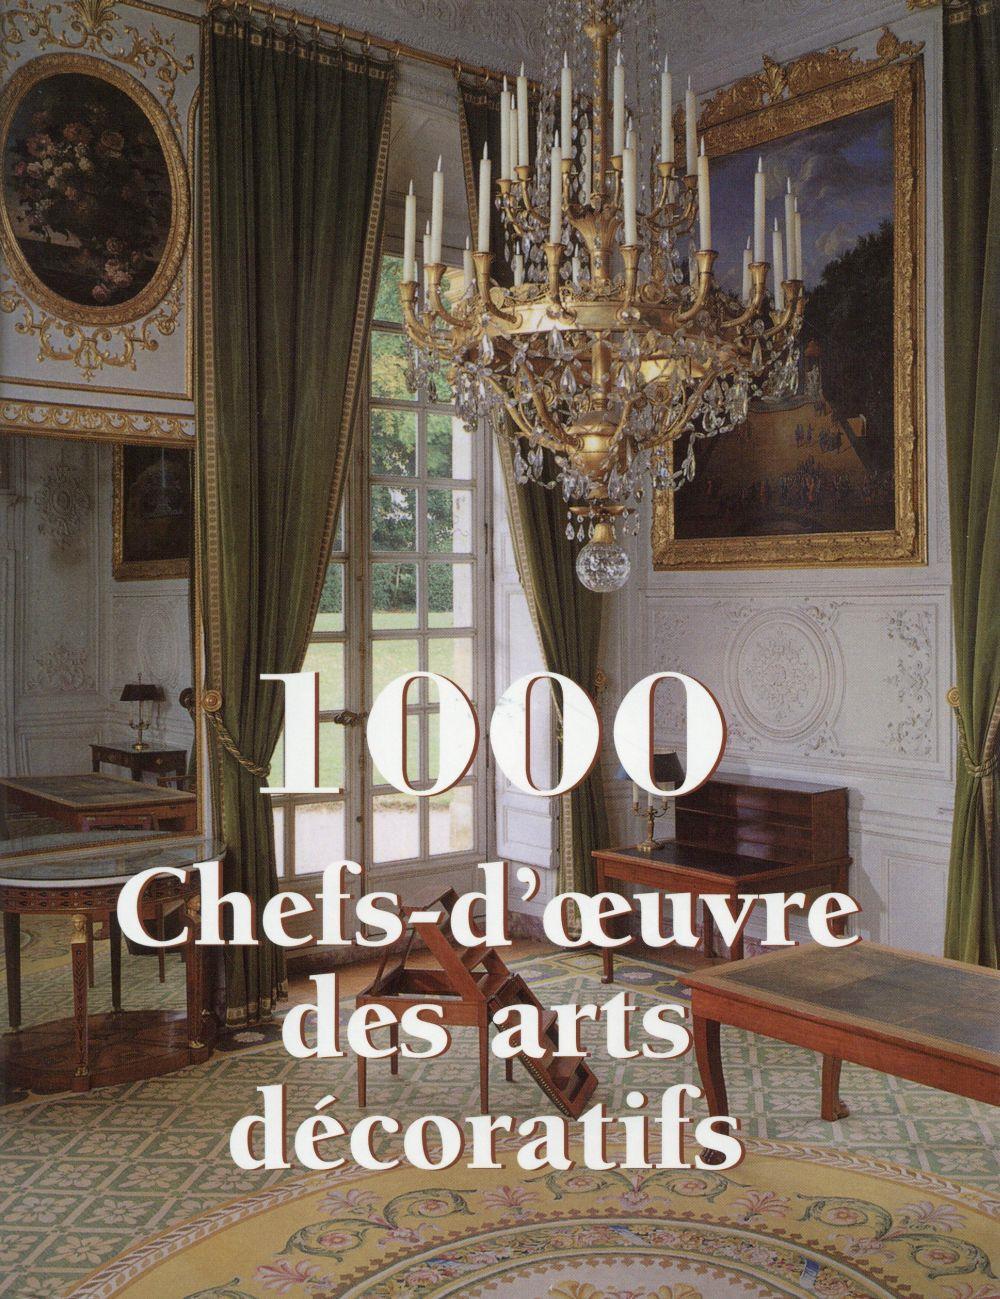 Vente Livre : 1000 chefs-d'oeuvre des arts décoratifs ...